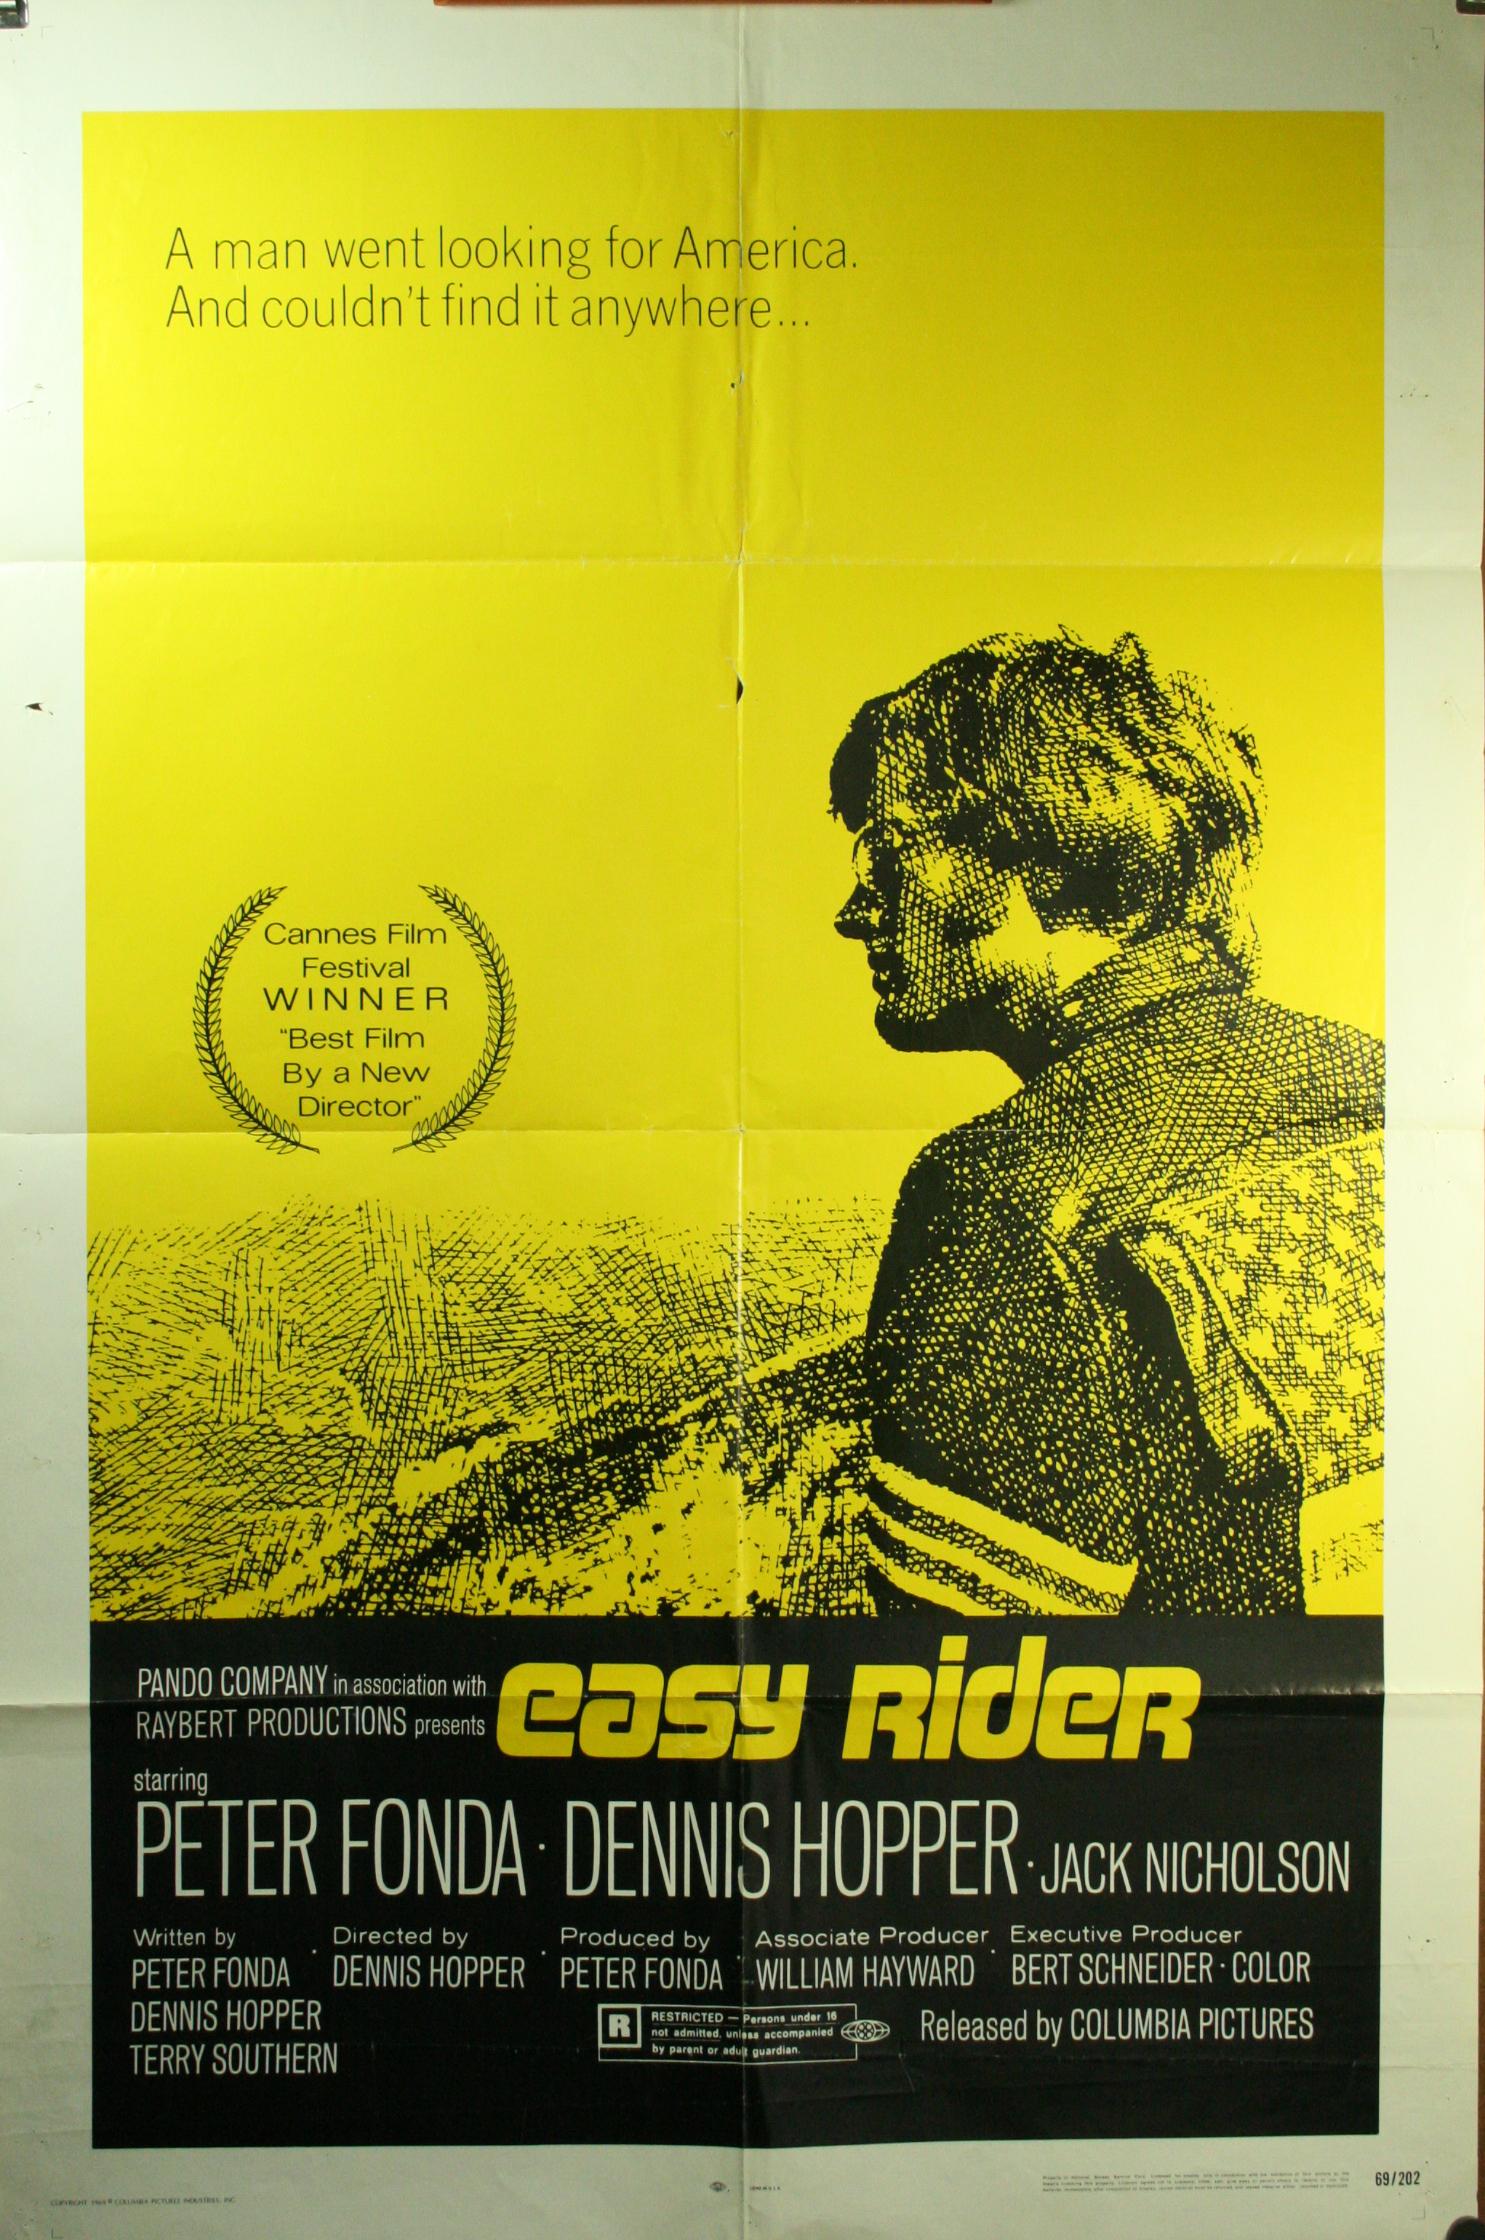 Easy Rider Movie Quotes. QuotesGram